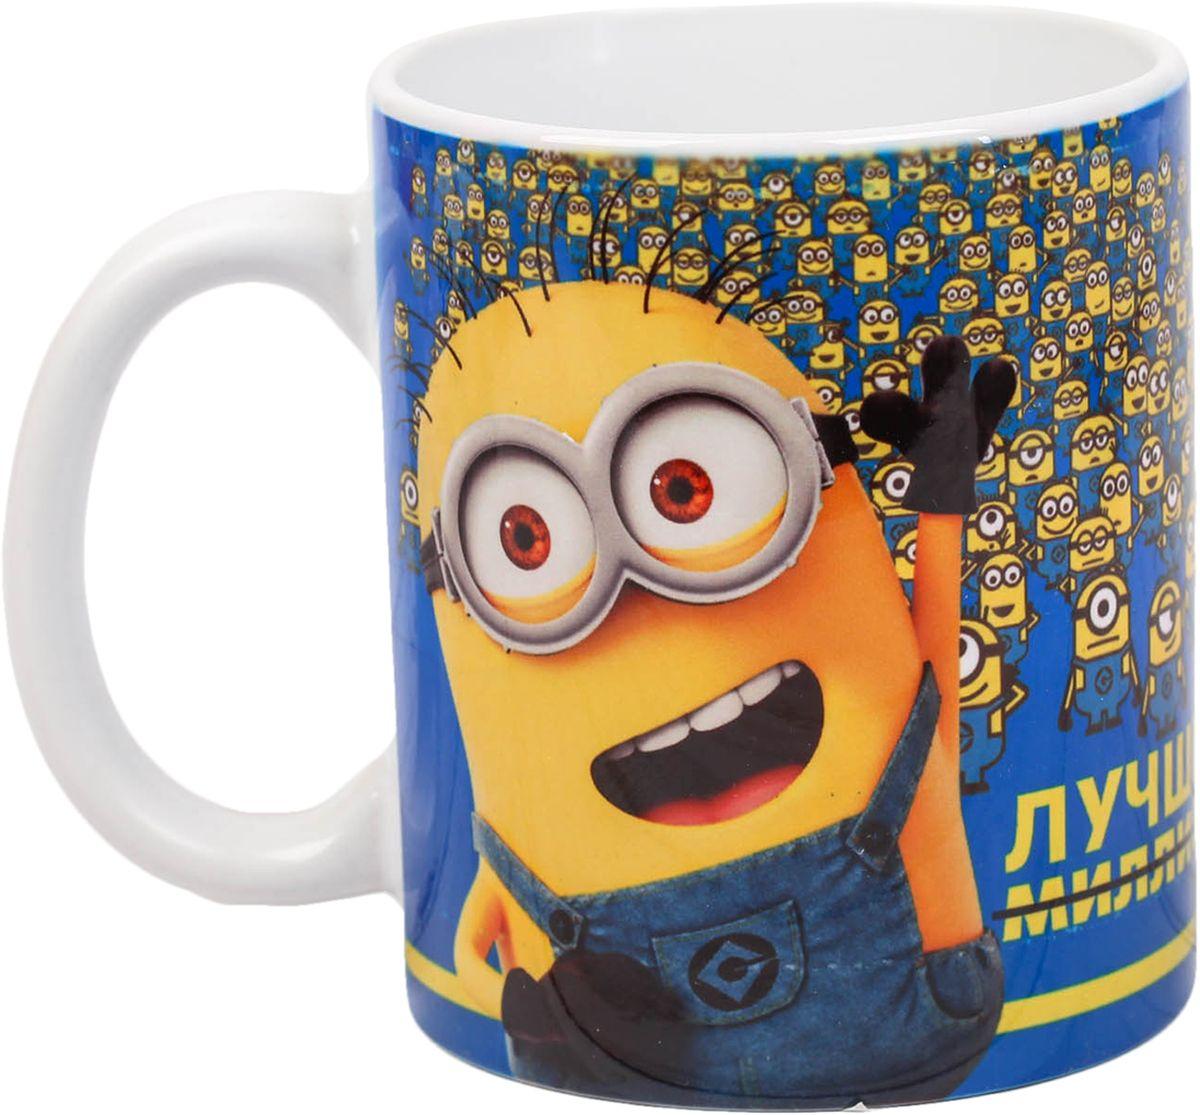 Кружка керамическая Гадкий Я Миньоны. Миллион миньонов, цвет: синий, 350 мл mymei 1 комплект 12шт набор гадкий я 2 миньоны рисунок игрушки в розницу 96408